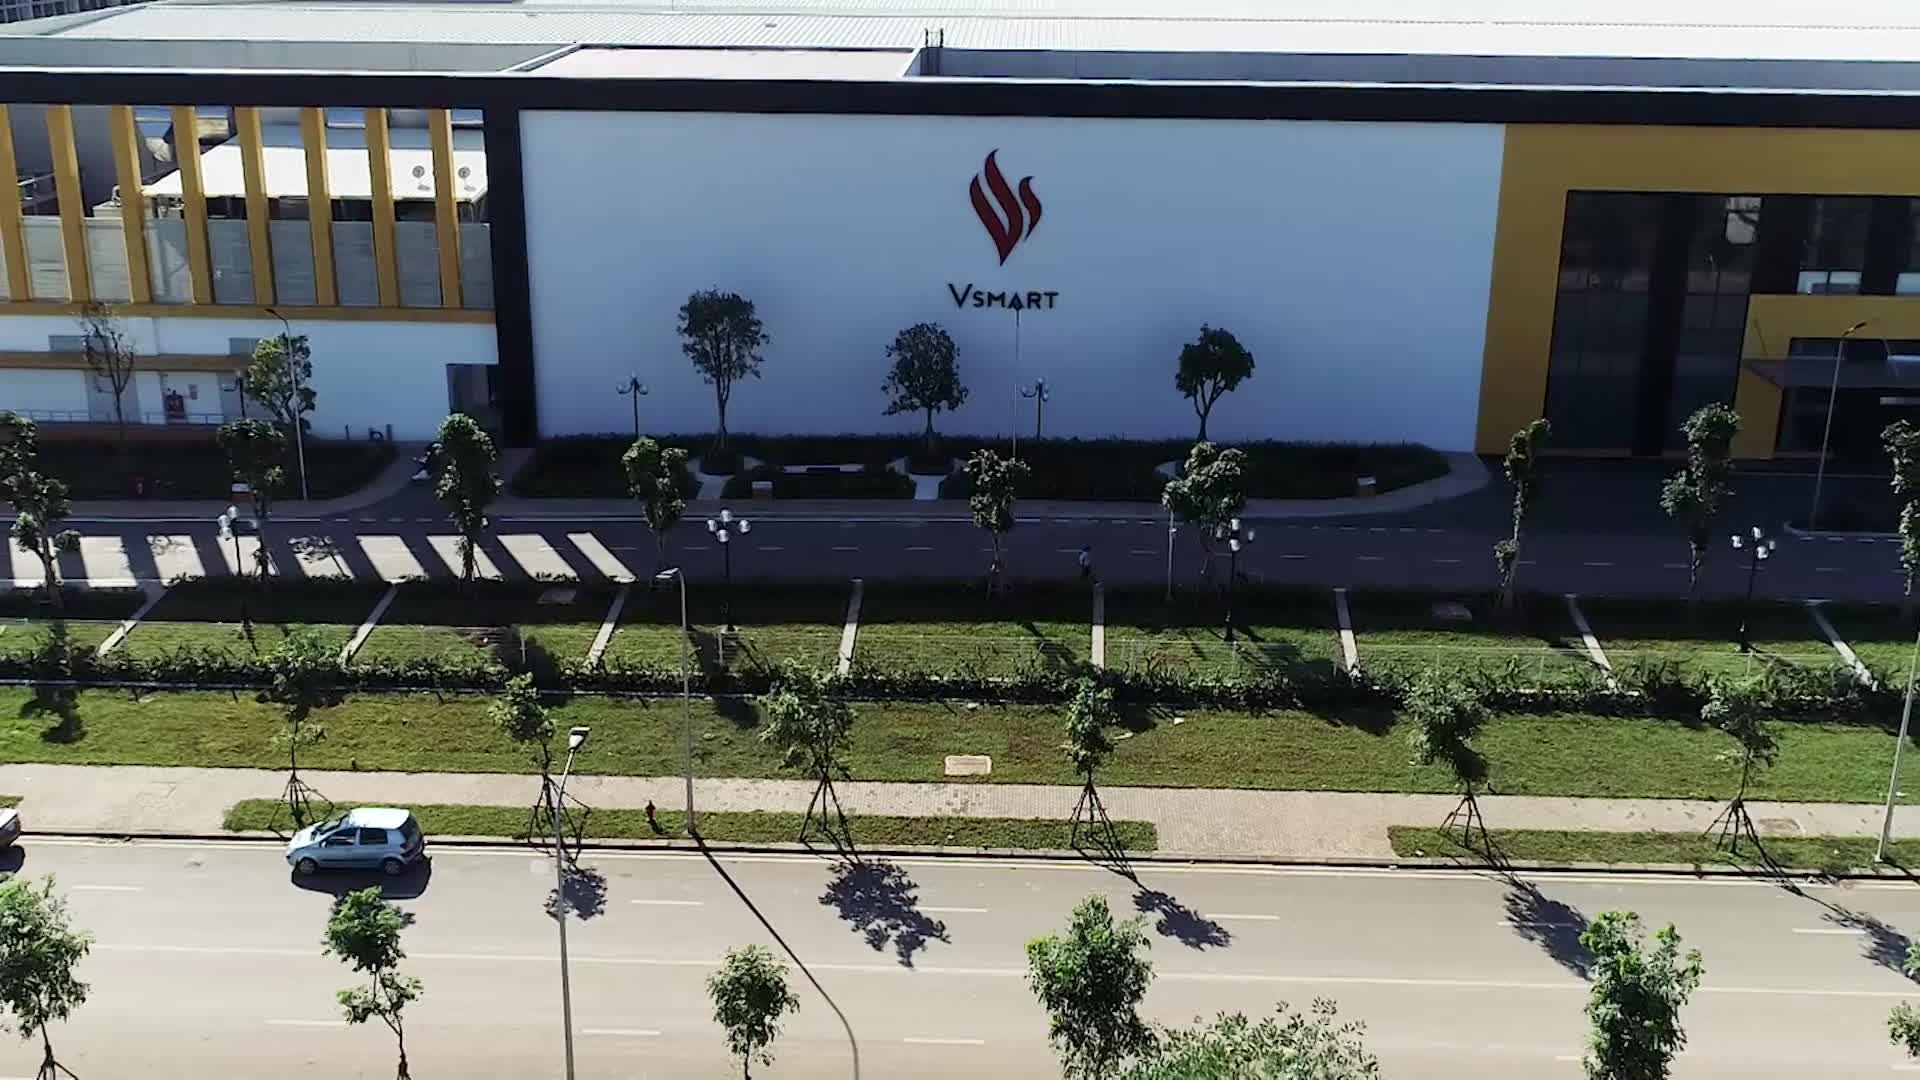 VinSmart khánh thành tổ hợp nhà máy sản xuất thiết bị điện tử thông minh giai đoạn 1